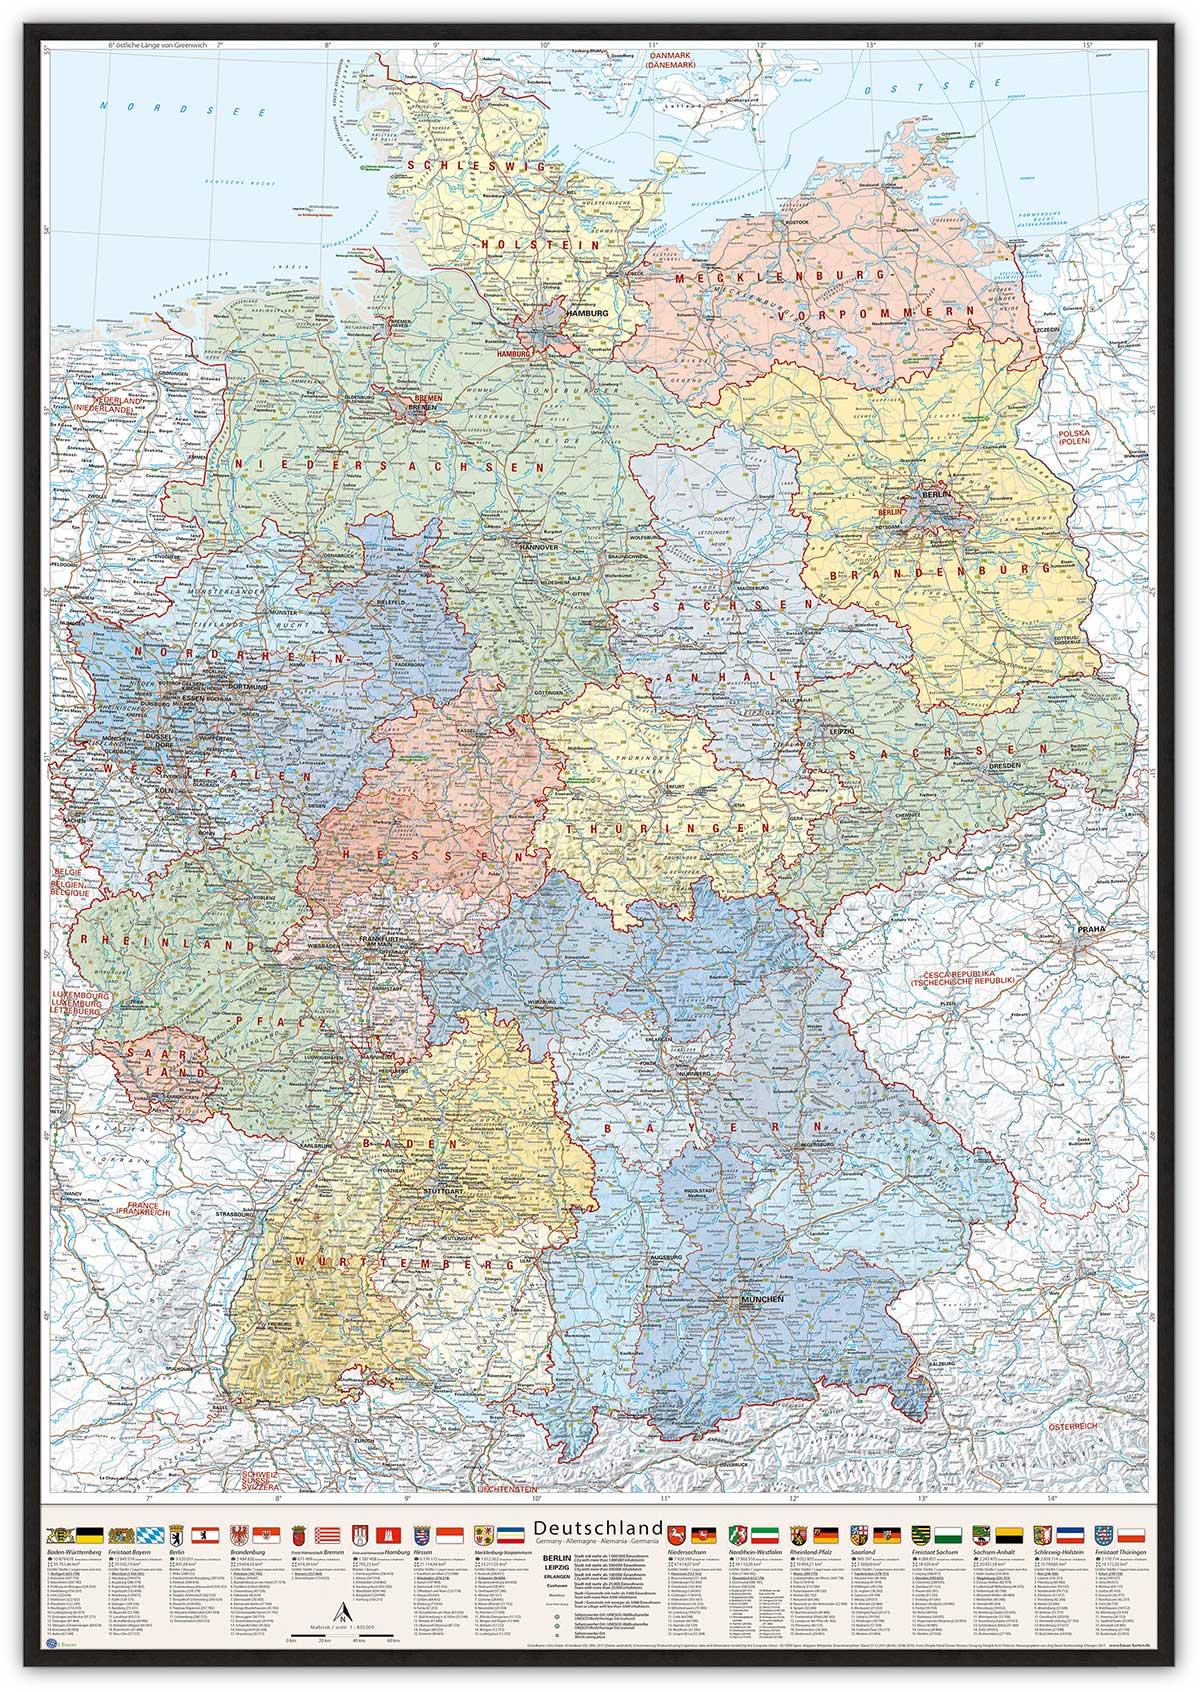 Deutschland-Karte Politisch (Bundesländer), 80 x 120 cm, Pinnwand im Holz-Rahmen (schwarz)